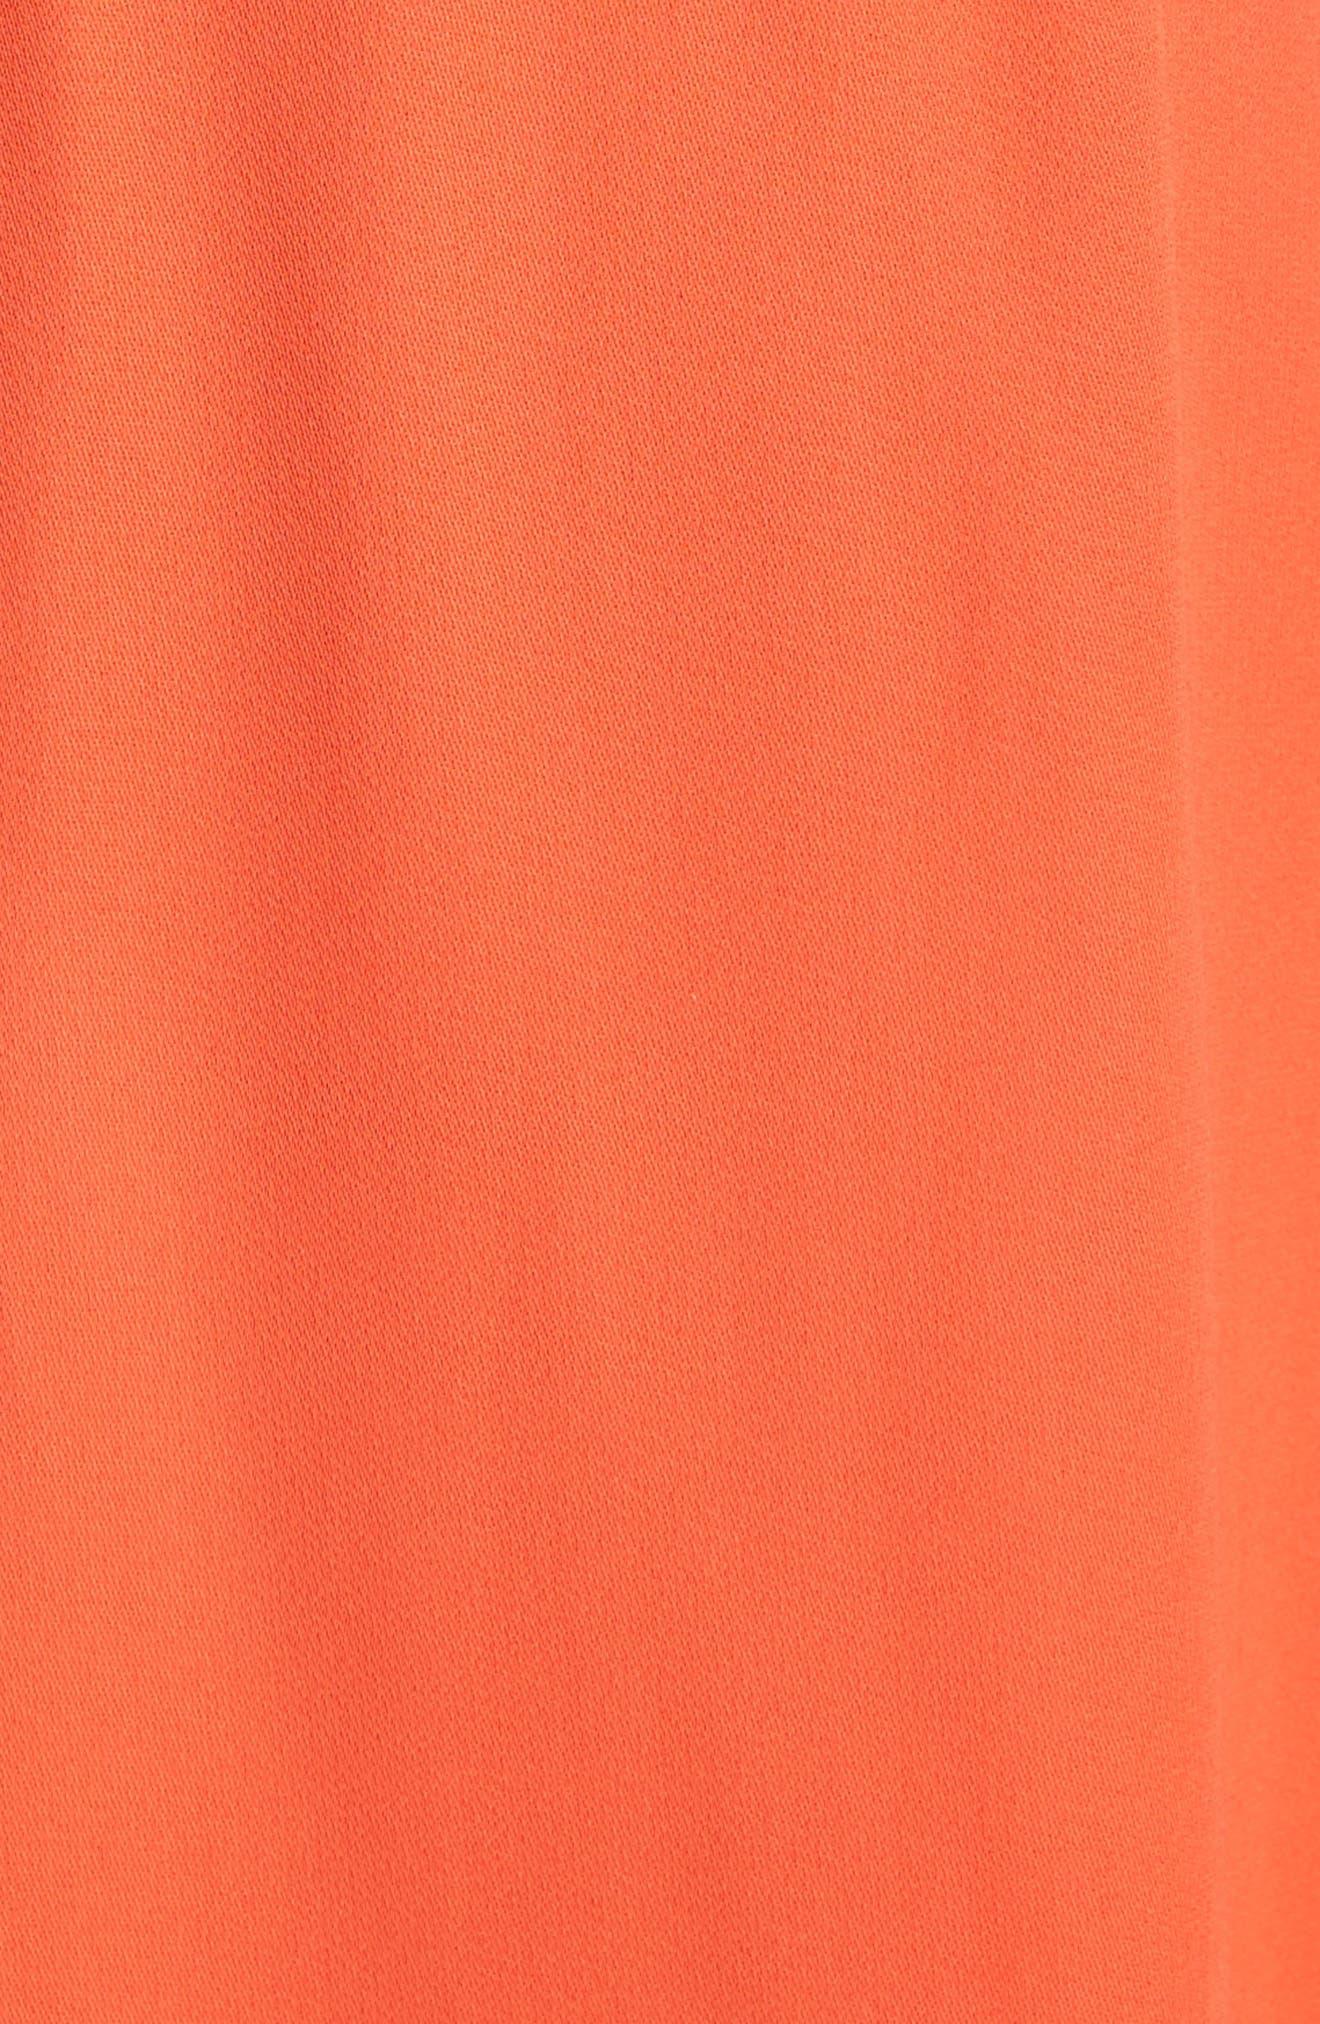 Evalene Maxi Dress,                             Alternate thumbnail 5, color,                             614